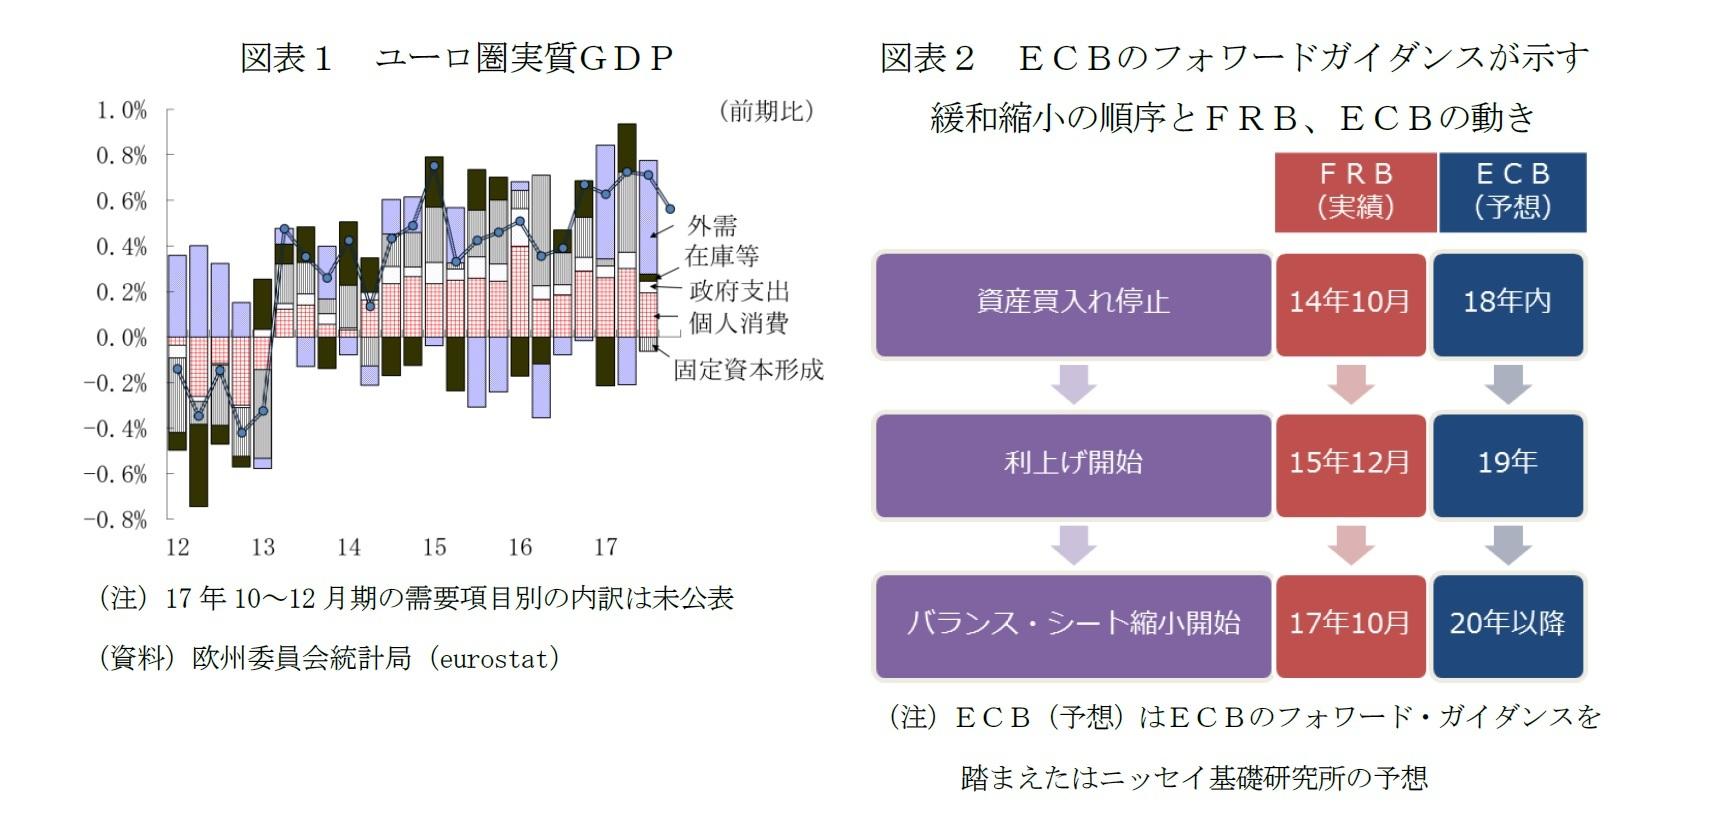 図表1 ユーロ圏実質GDP/図表2 ECBのフォワードガイダンスが示す緩和縮小の順序とFRB、ECBの動き